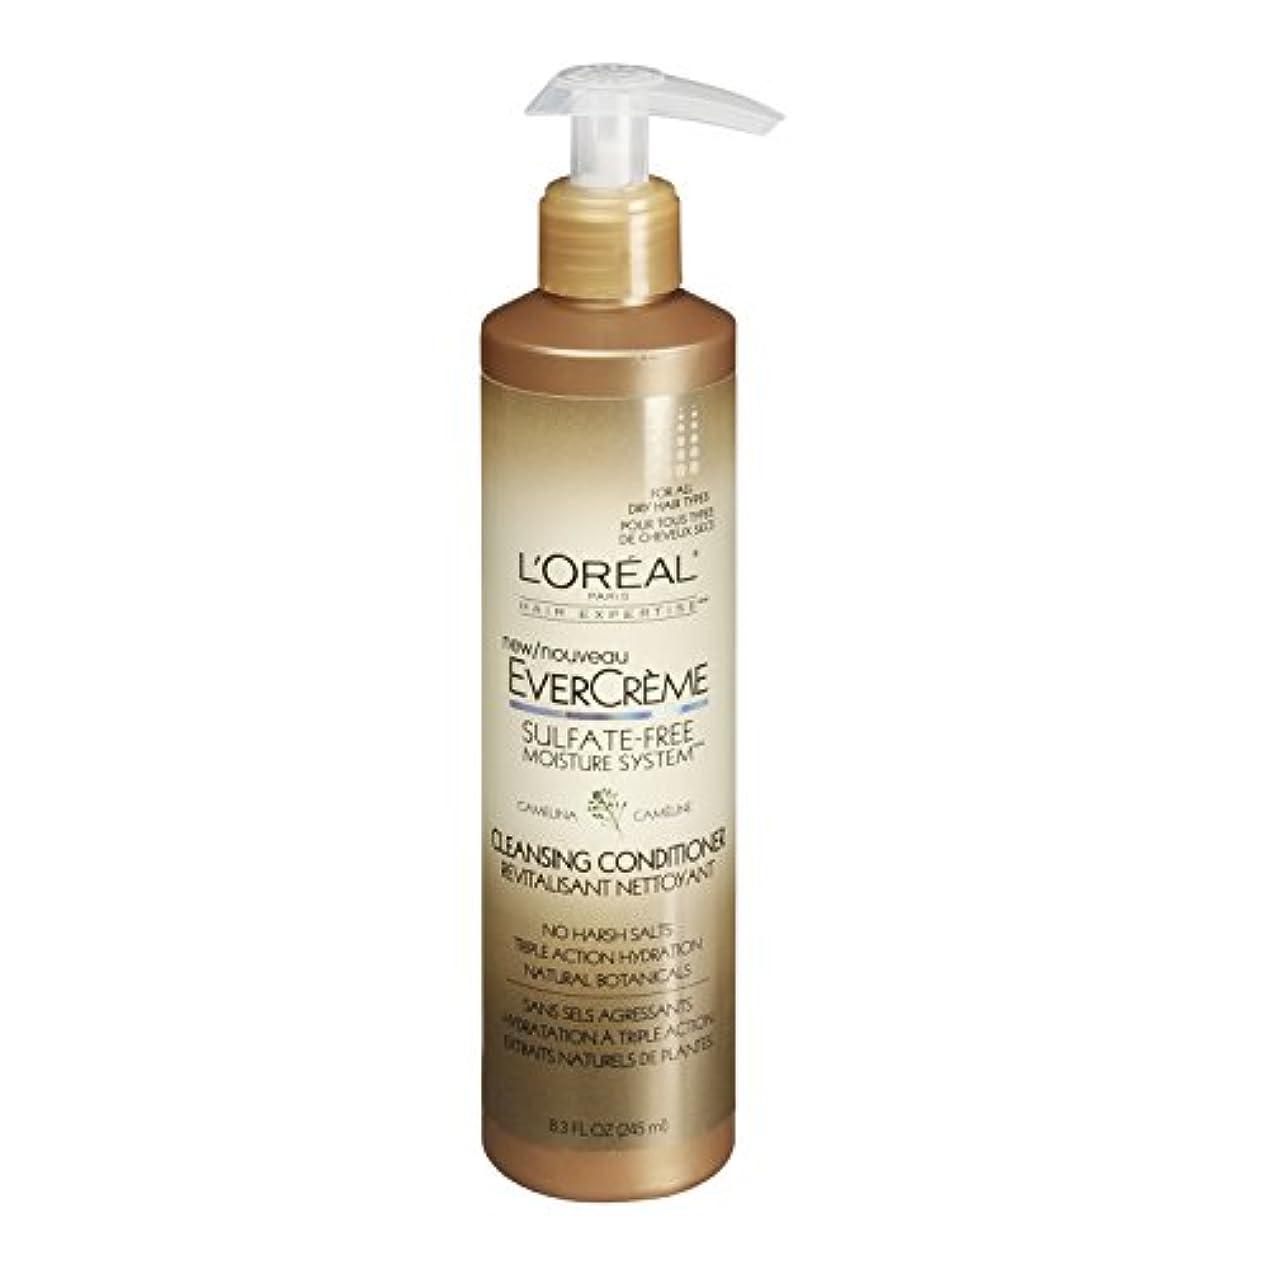 侵入する白菜統治するL'Oreal Paris EverCreme Sulfate-Free Moisture System Cleansing Conditioner, 8.3 fl. Oz. by L'Oreal Paris Hair...